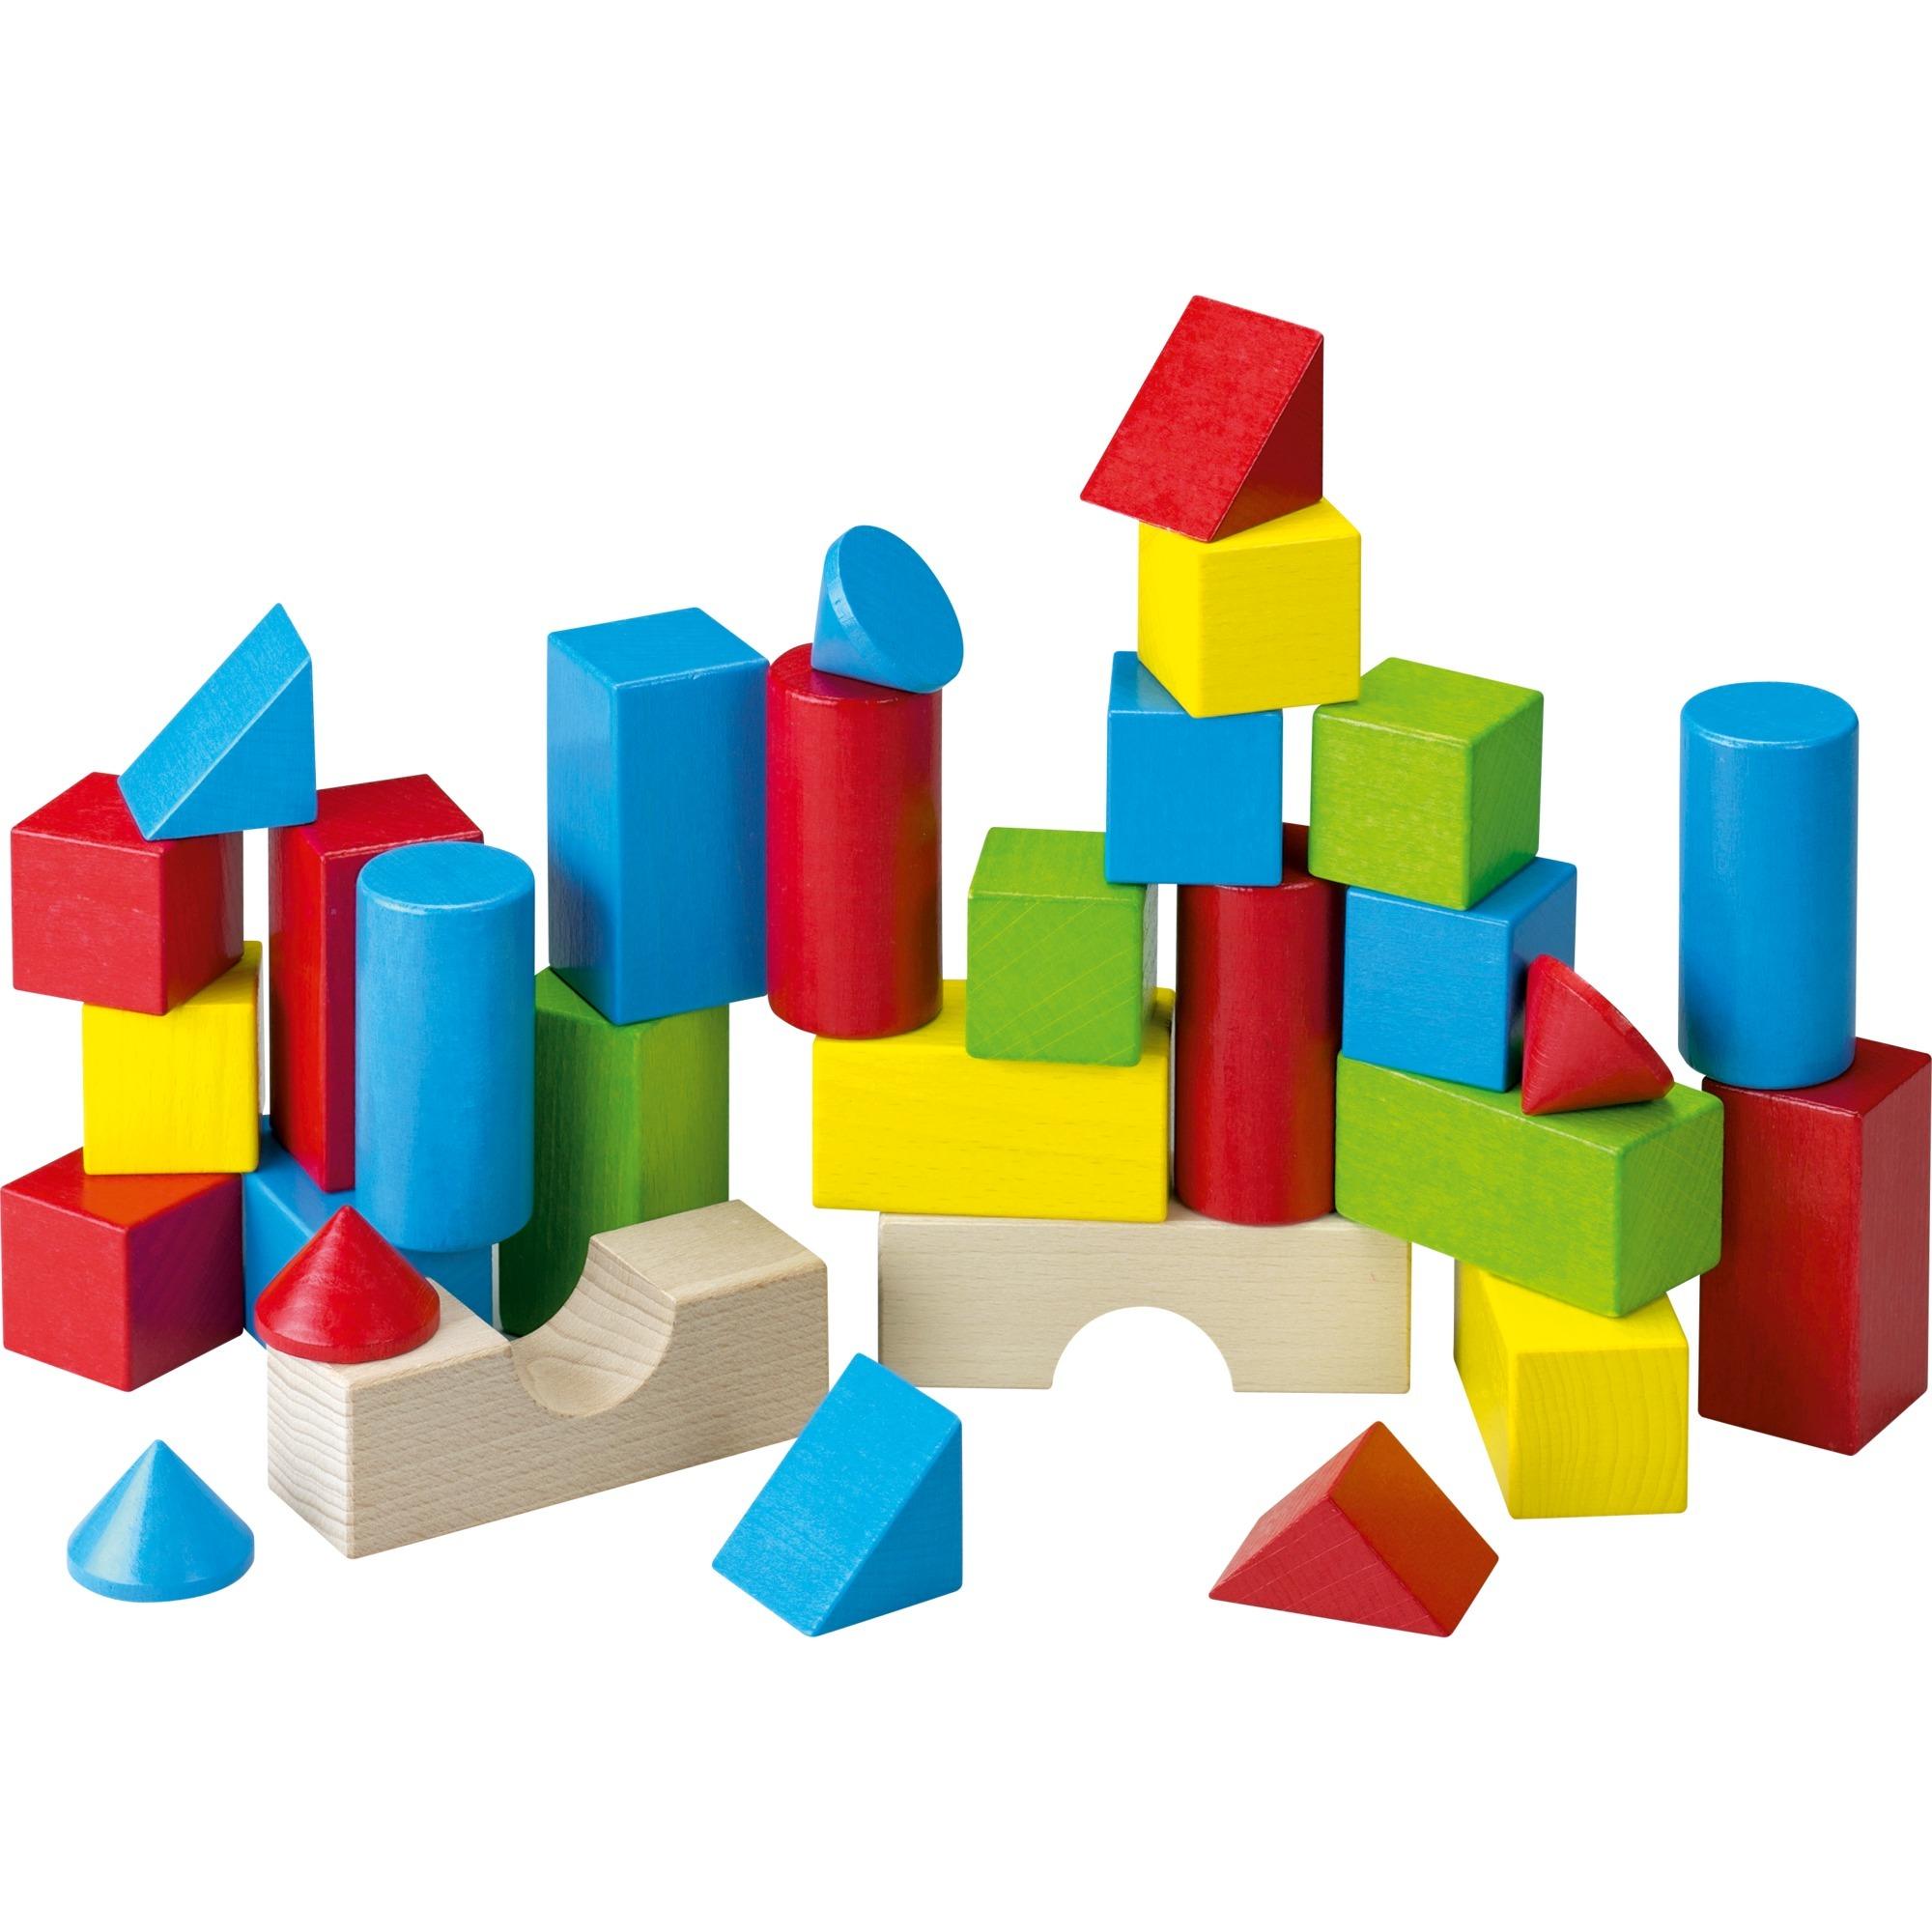 1076, Juegos de construcción